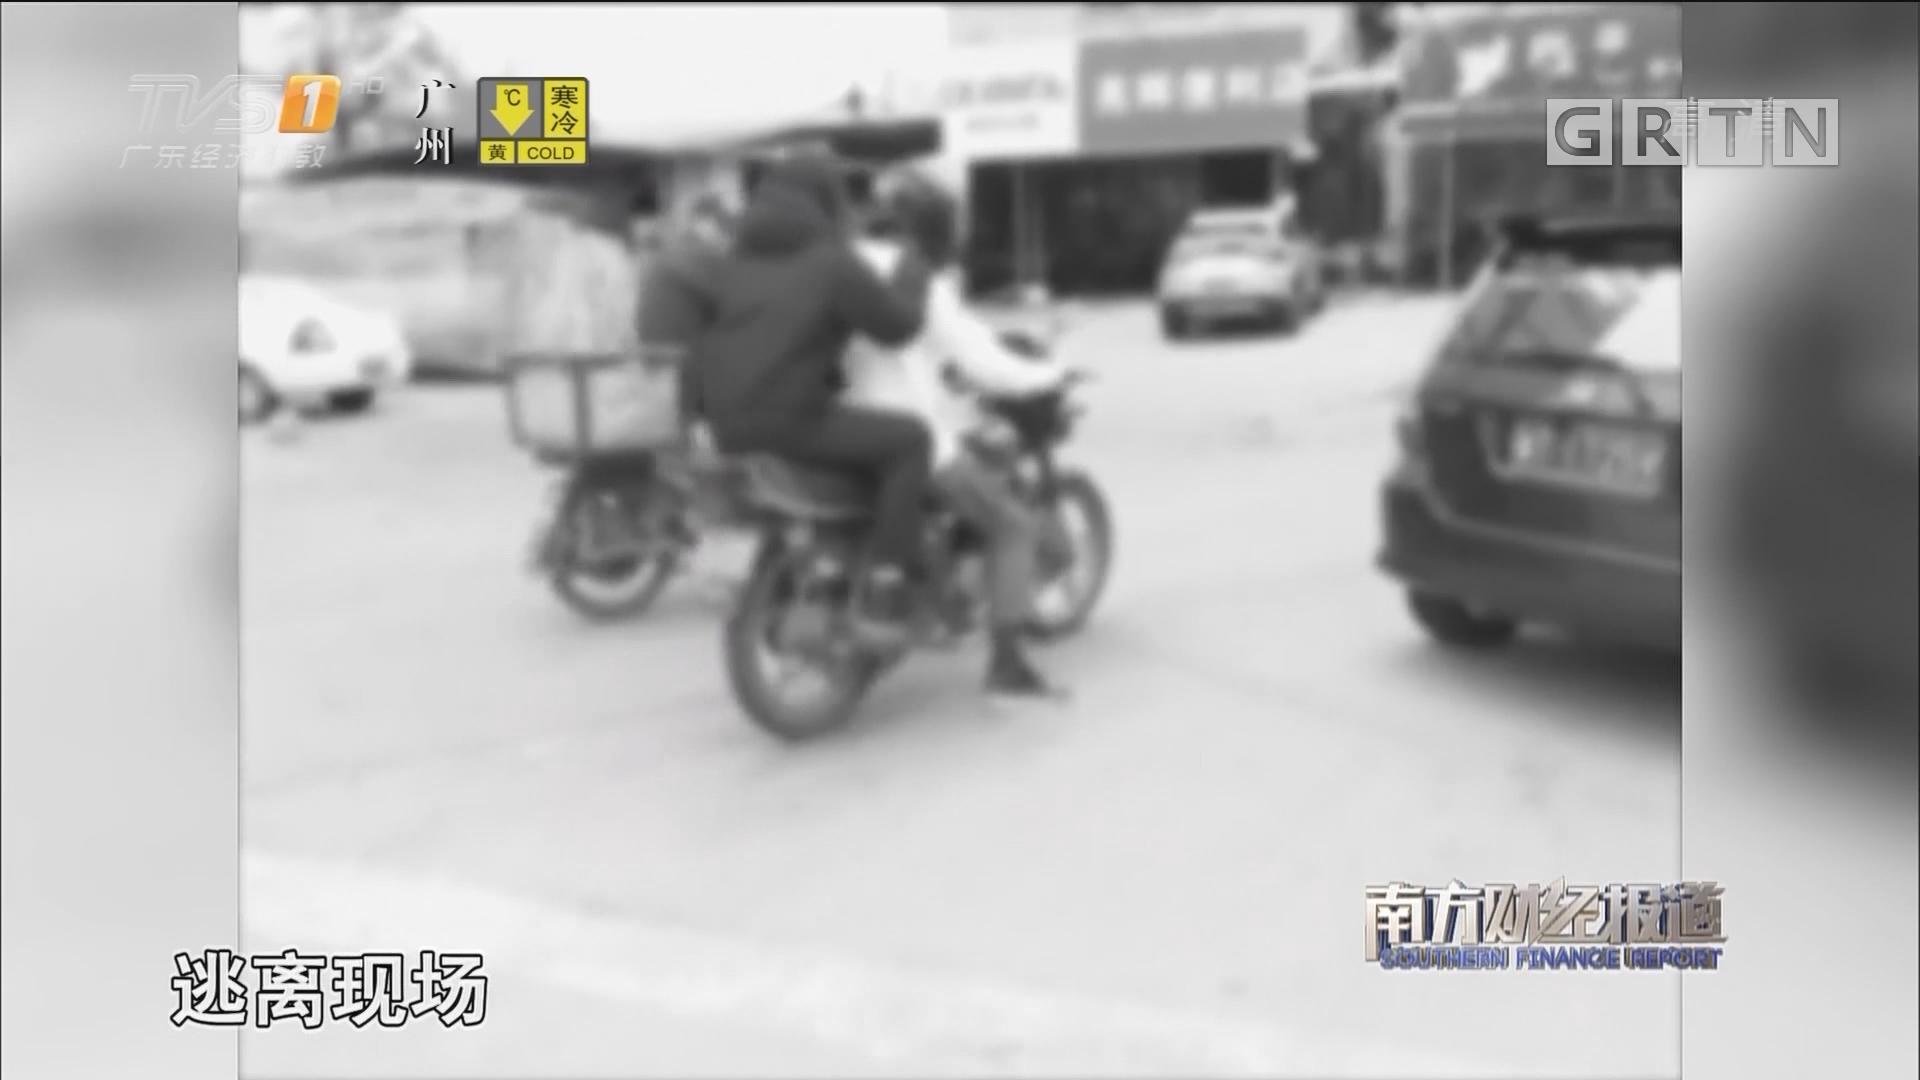 中山:雌雄大盗慌不择路 开车逃跑掉河中